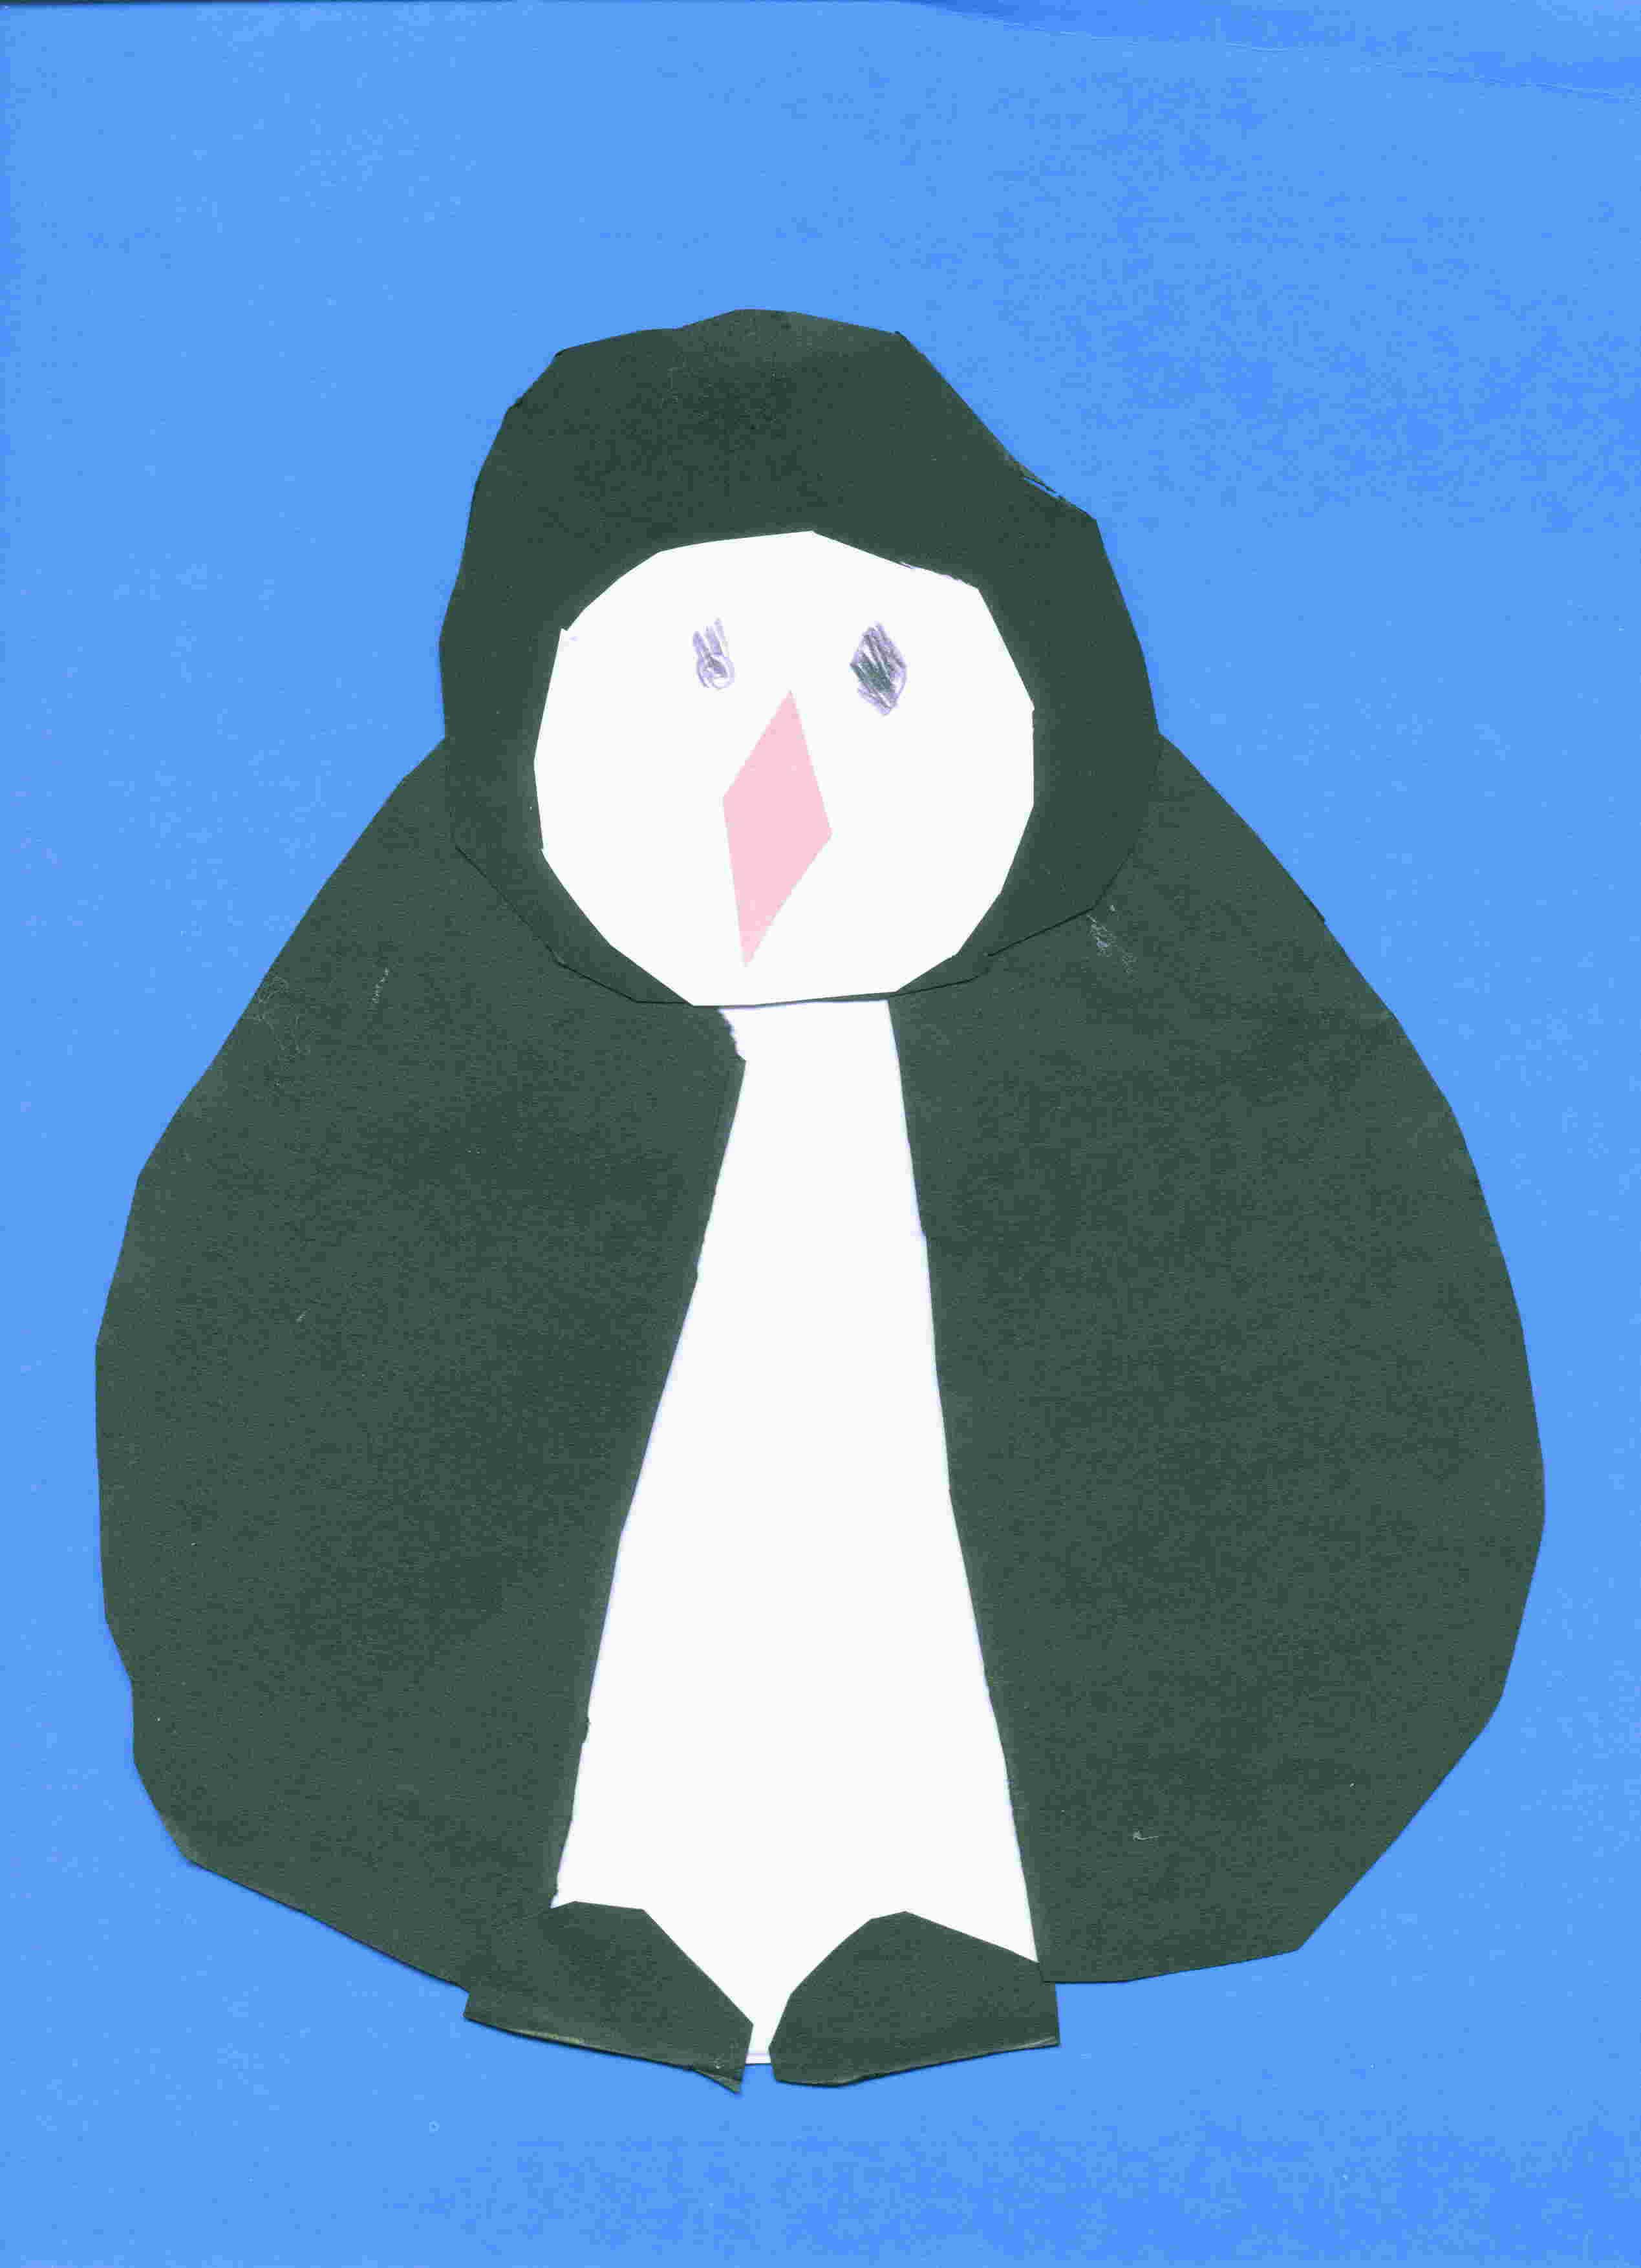 pinguin leichte geschichten zum lesen lernen selber